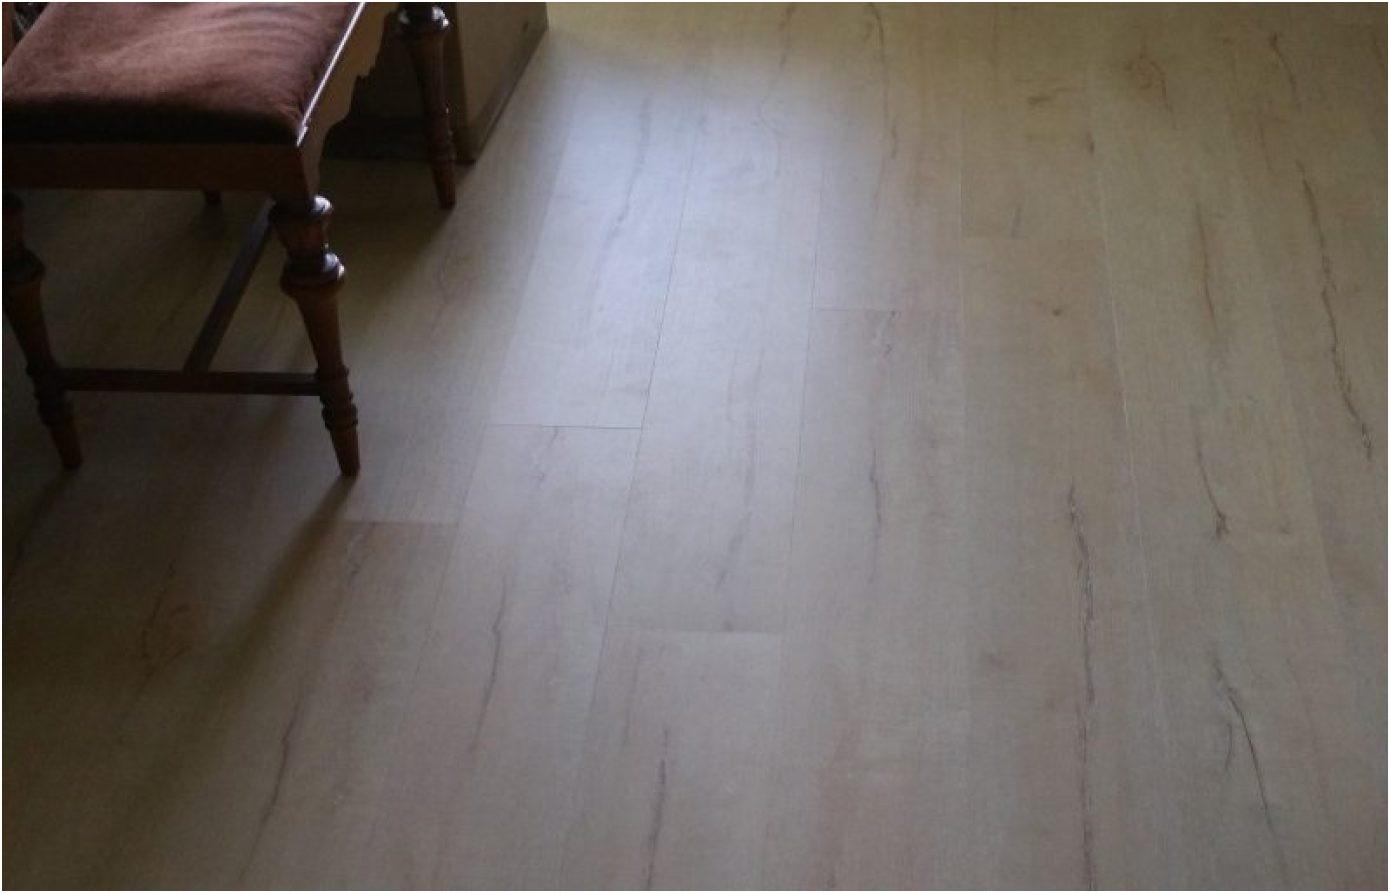 hardwood floor vacuum reviews 2017 of allure vinyl plank flooring reviews unique miele hardwood floor inside allure vinyl plank flooring reviews new best way to clean vinyl plank floors luxury floor a